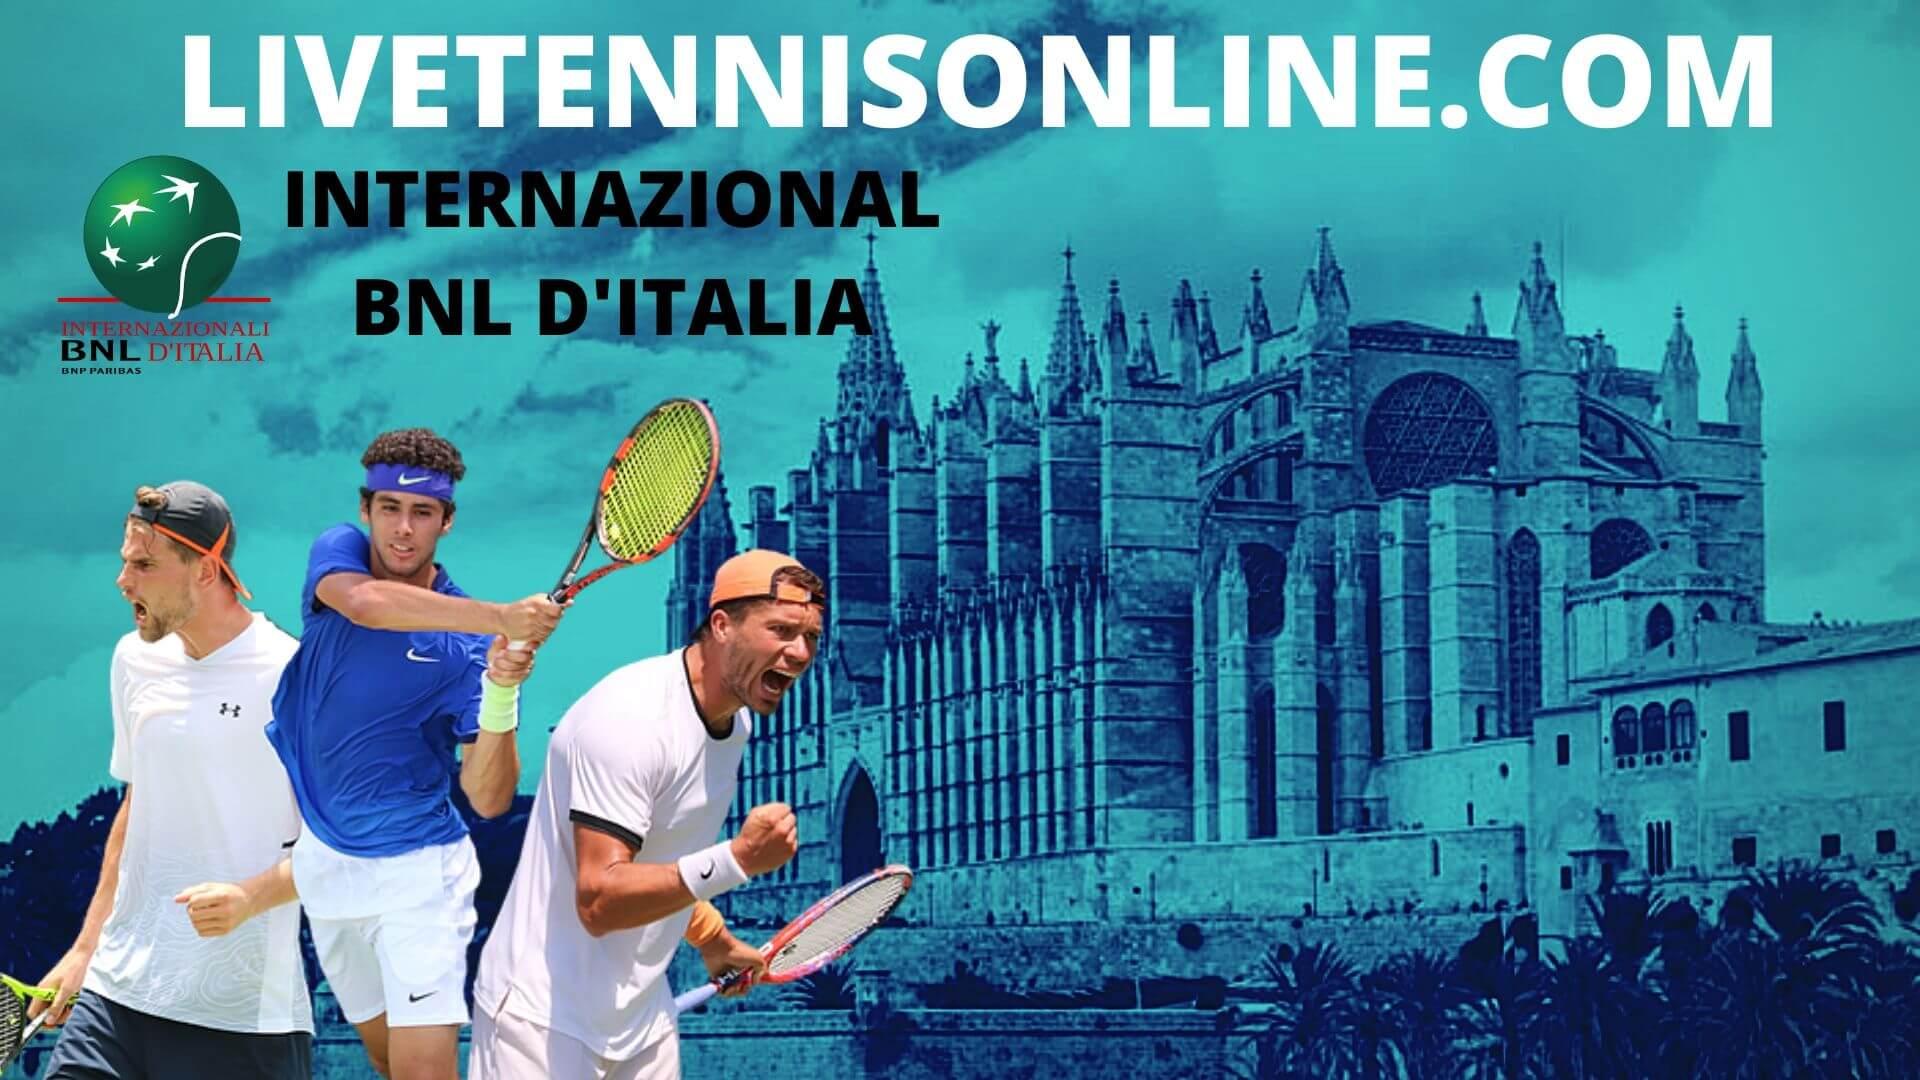 Internazionali BNL d Italia Live Stream 2020 | Day 6